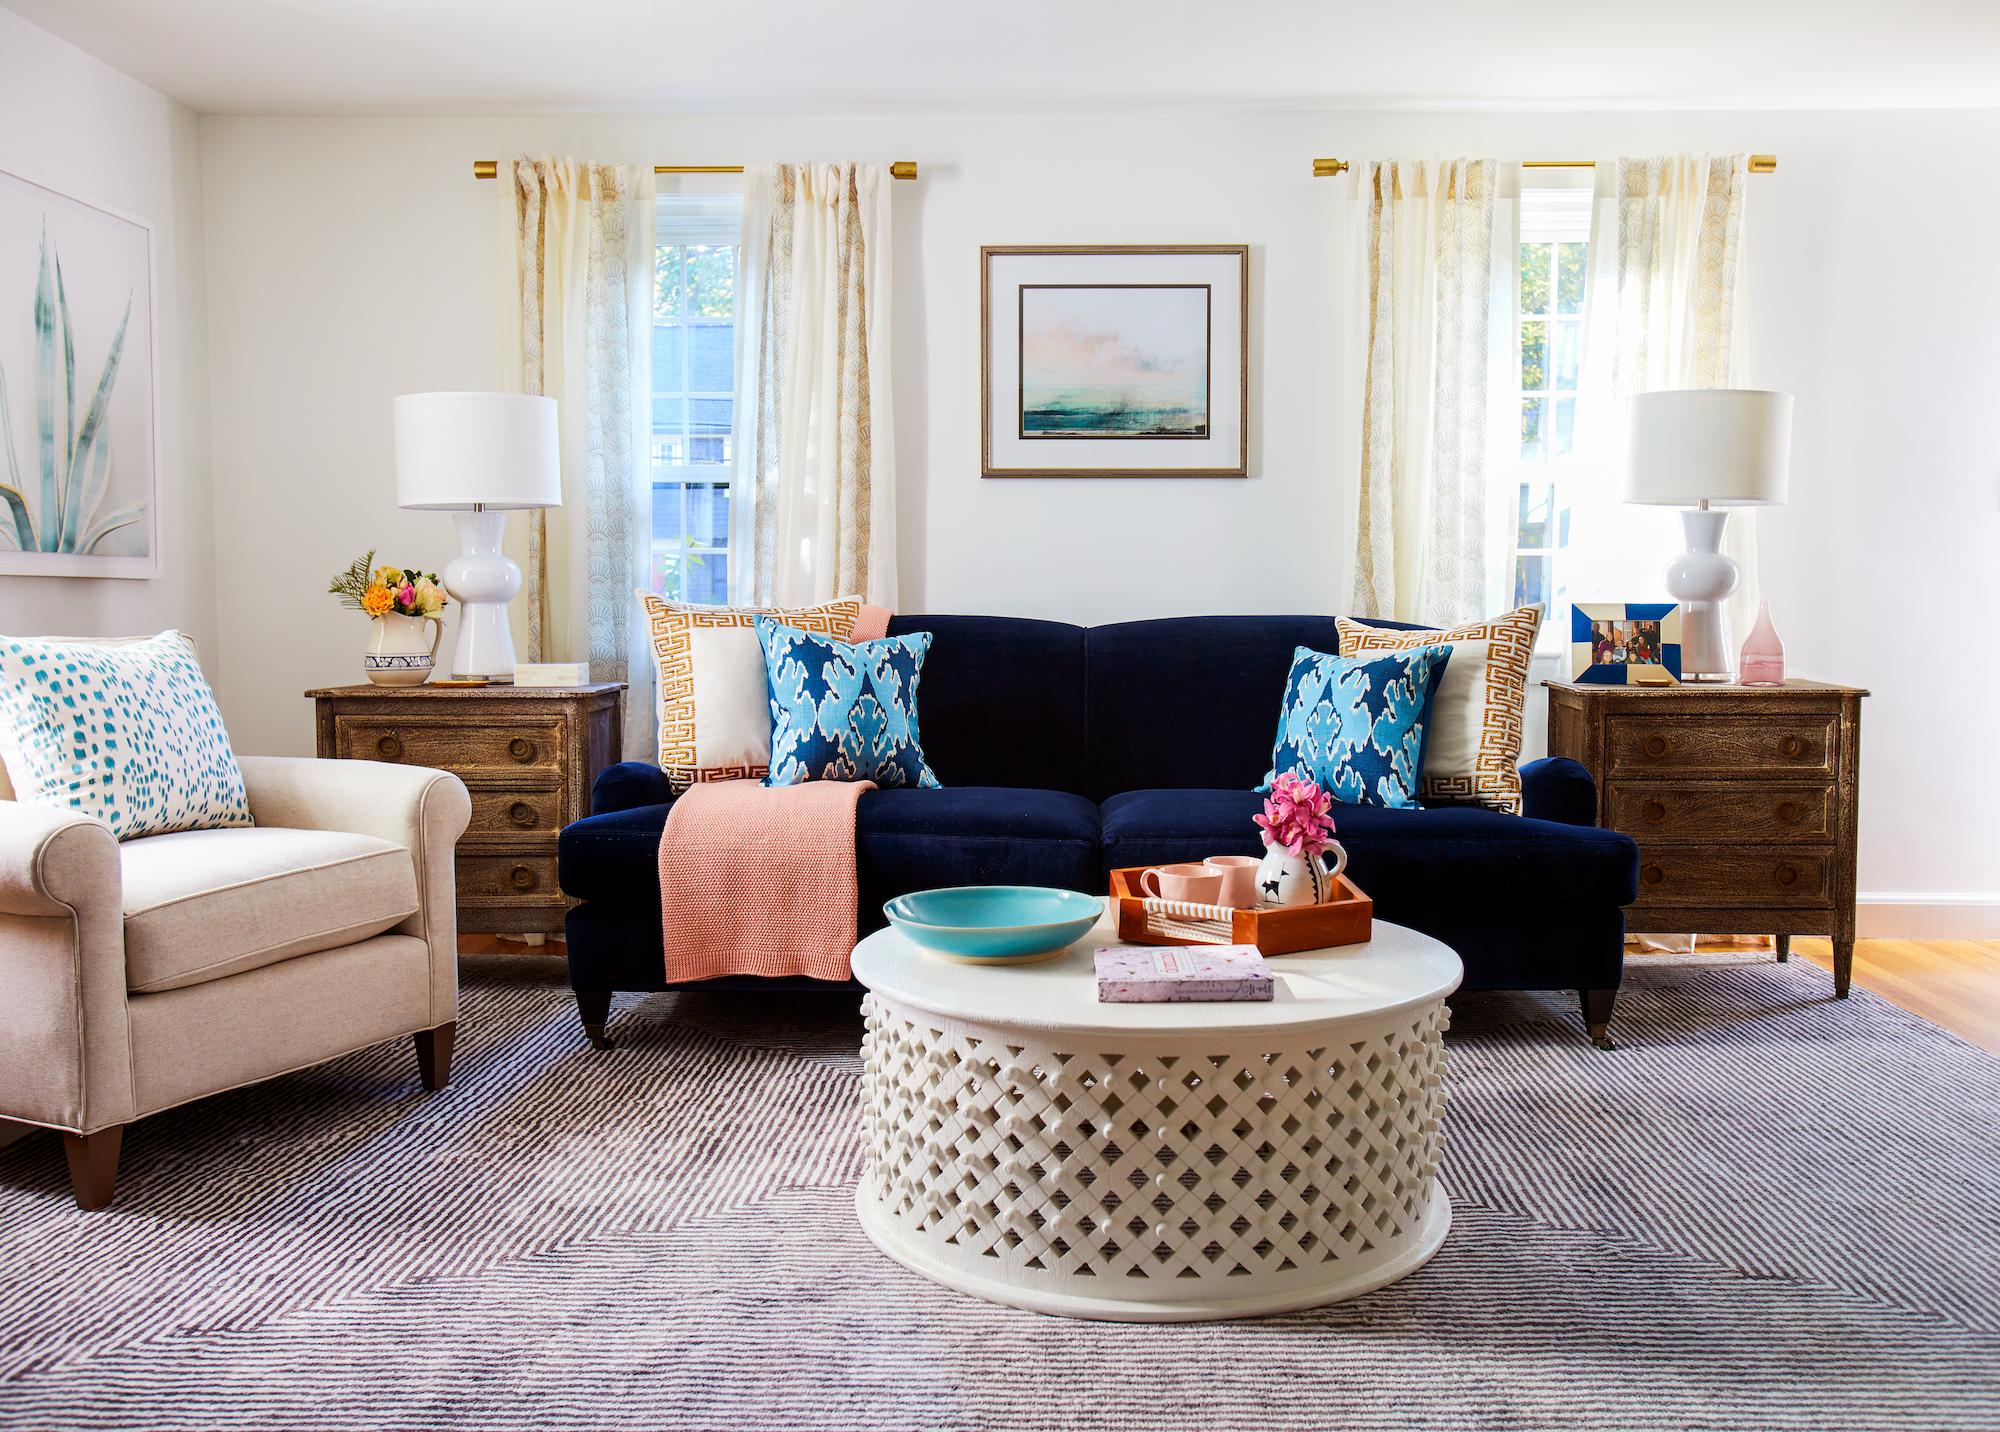 Ou bien, choisissez un meuble de couleur vive pour créer un contraste dans le décor.